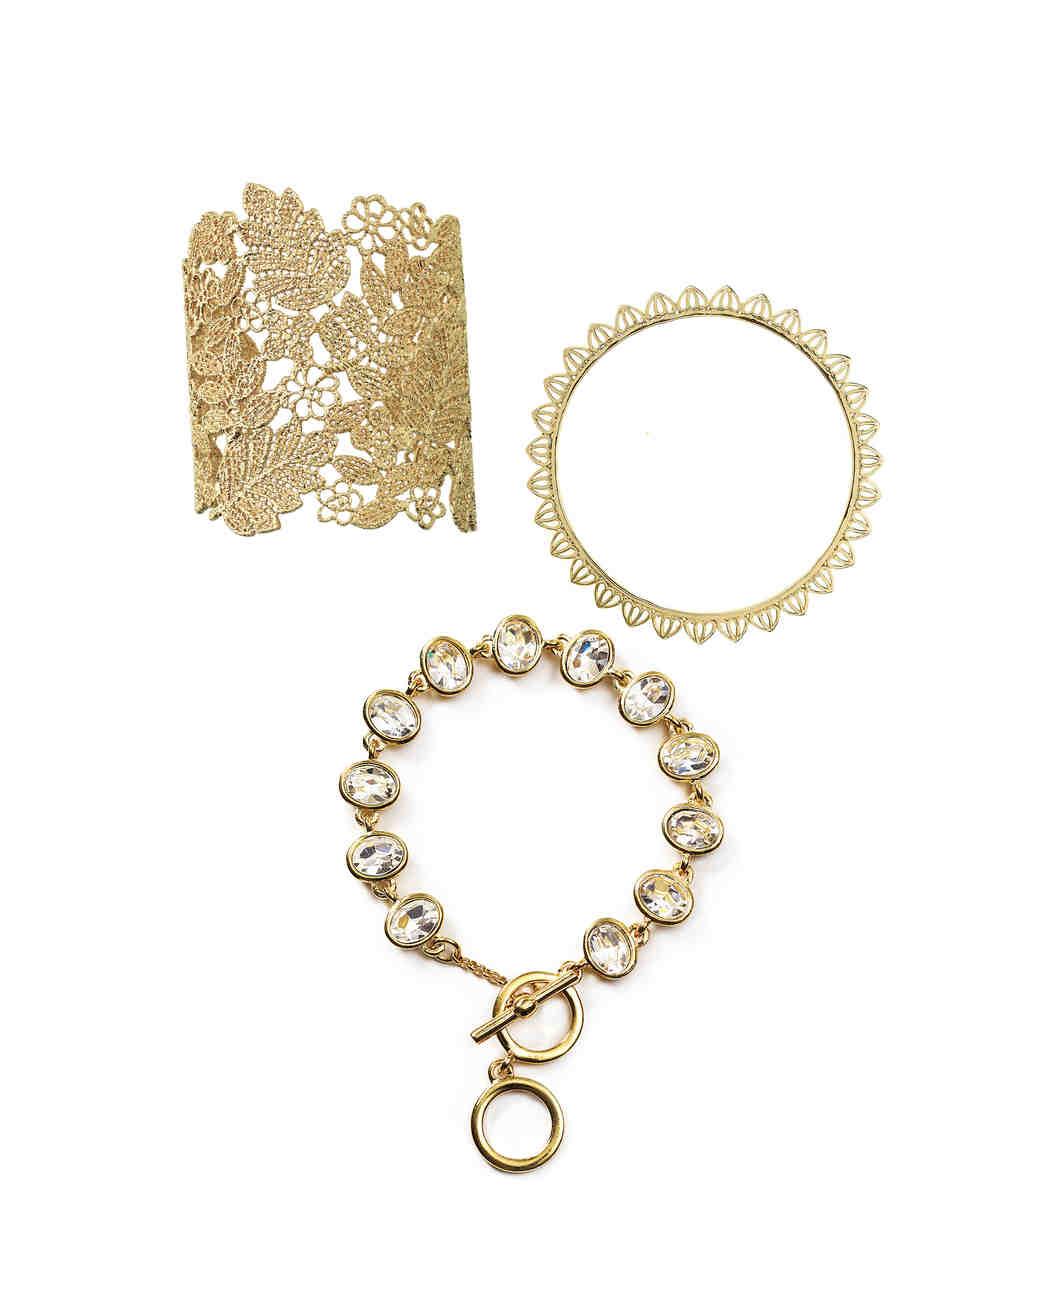 bridal-accessories-under-100-statement-bracelets-0714.jpg